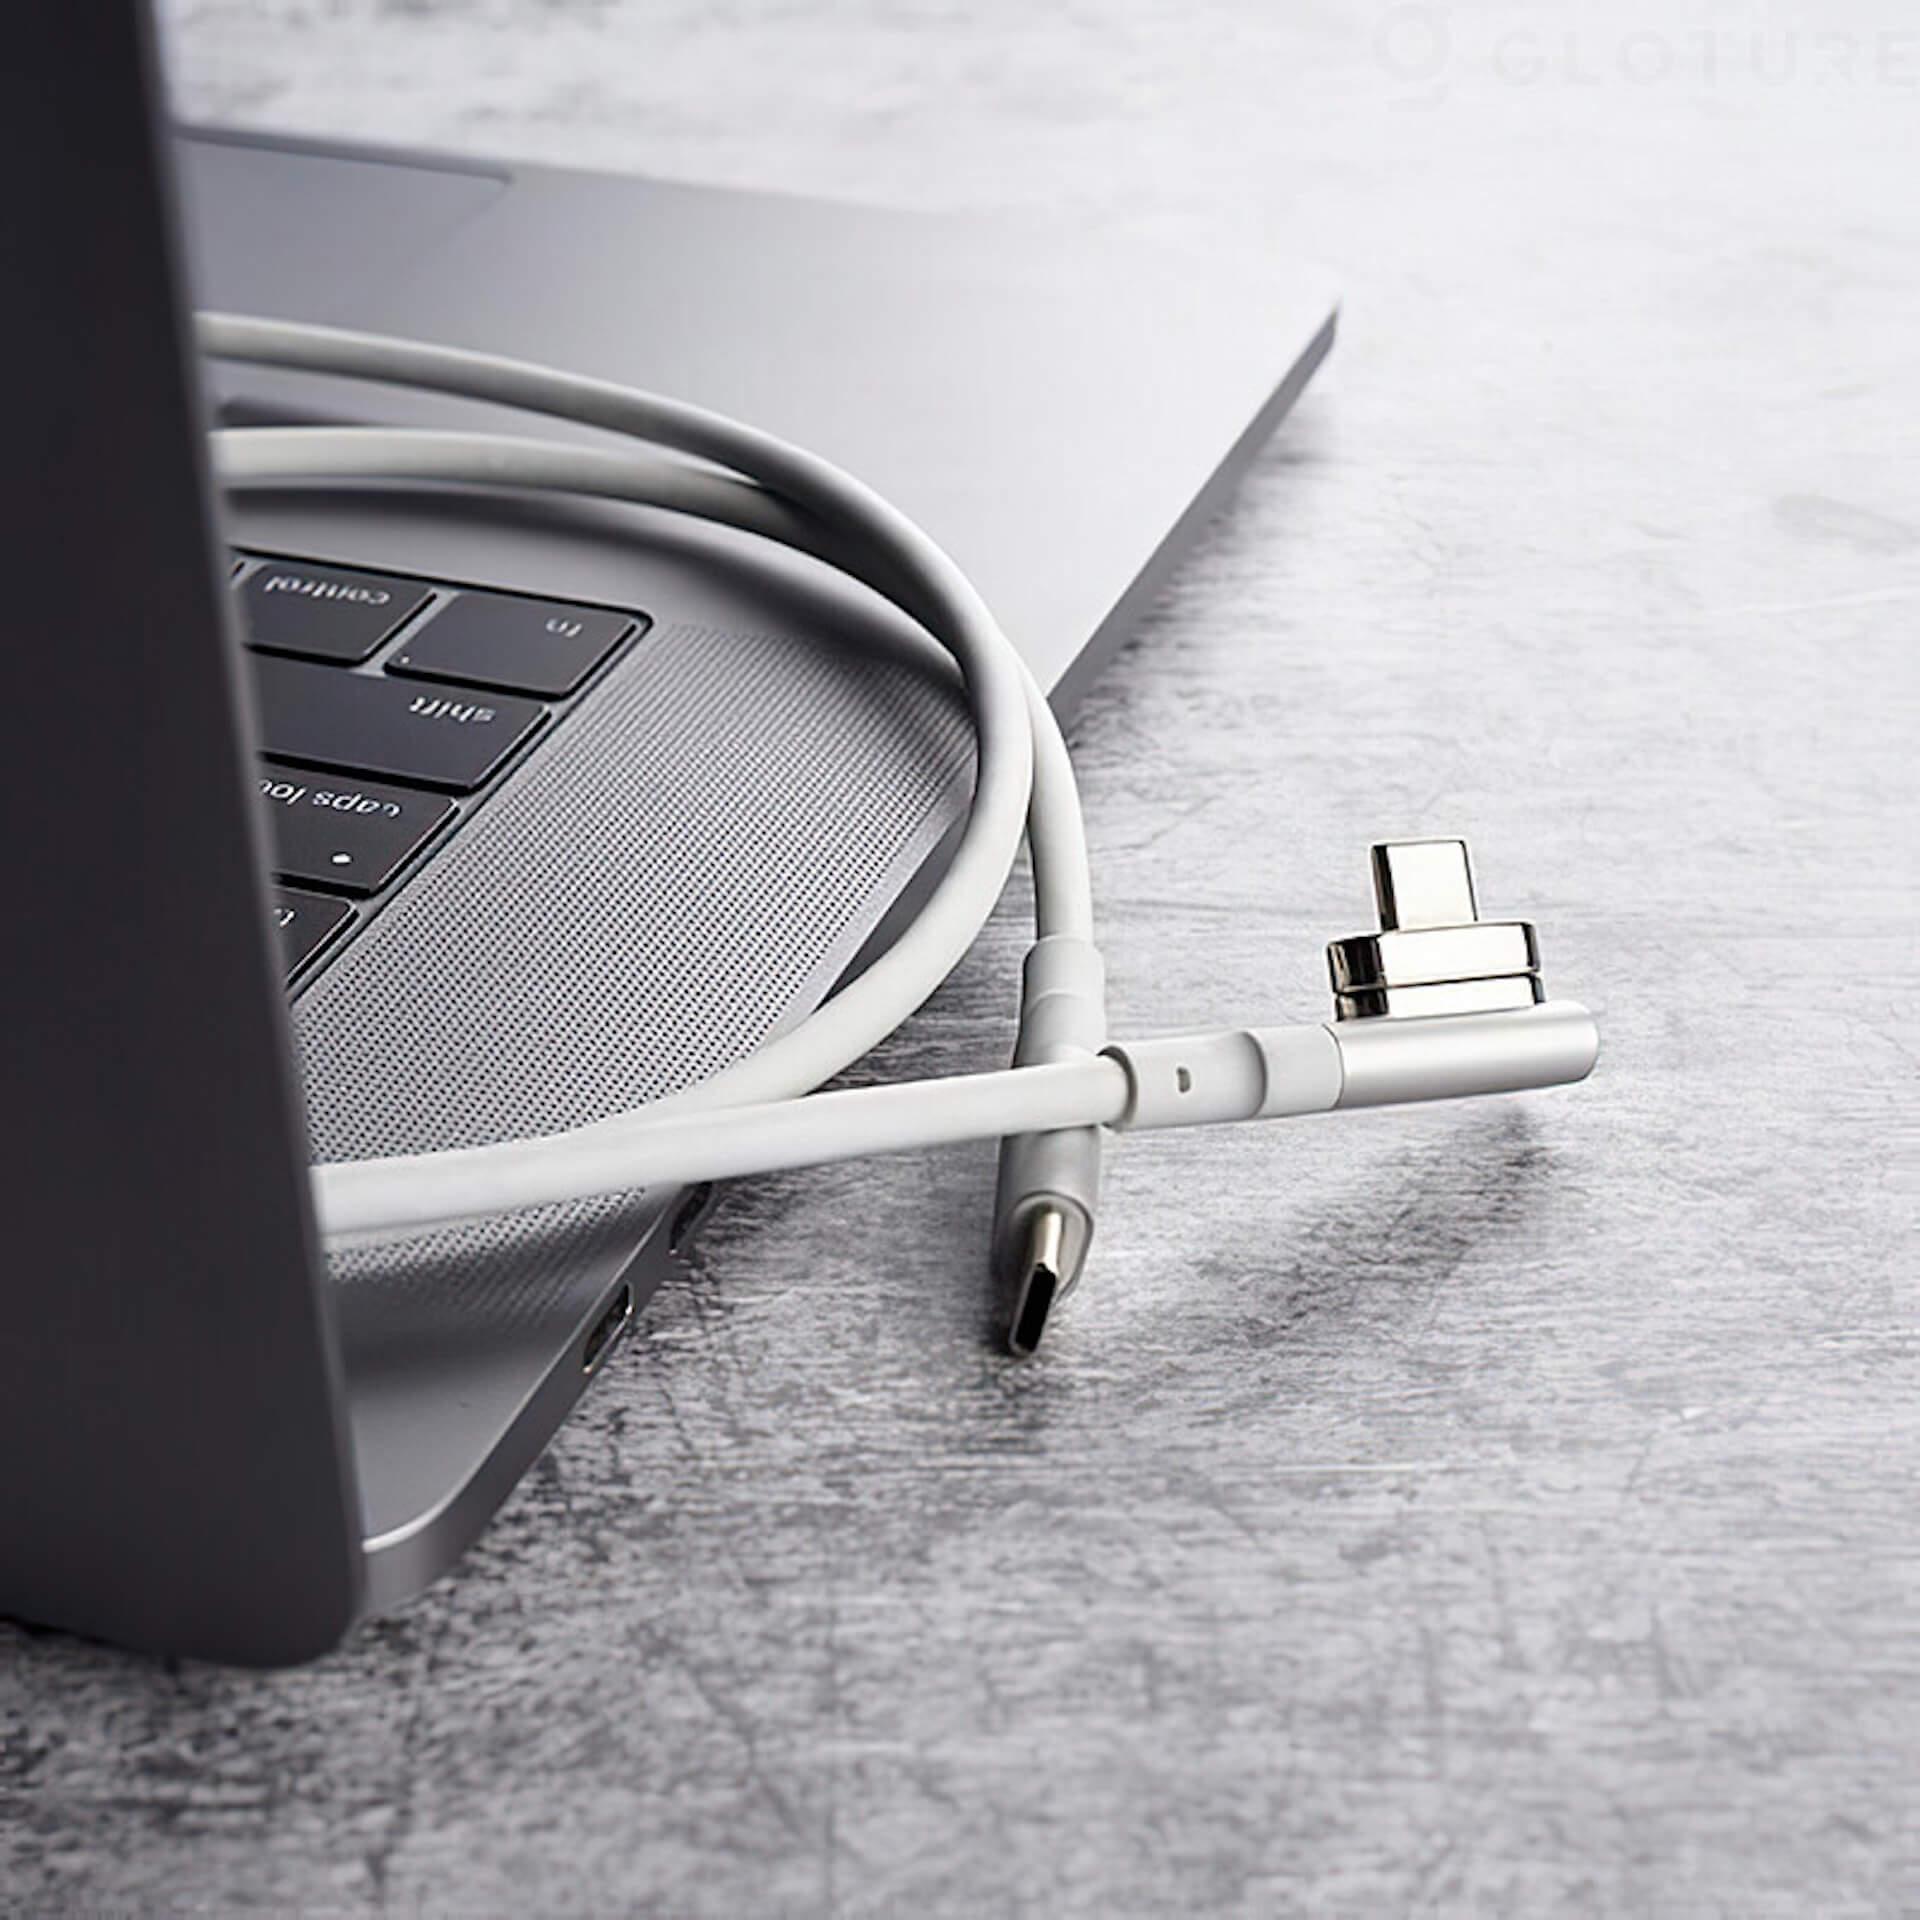 USB-Cのコネクタ同士をマグネットで引き寄せる!「HBLINK Magnet USB-C ケーブル」がGLOTURE.JPに登場 tech200625_usbc_cable_4